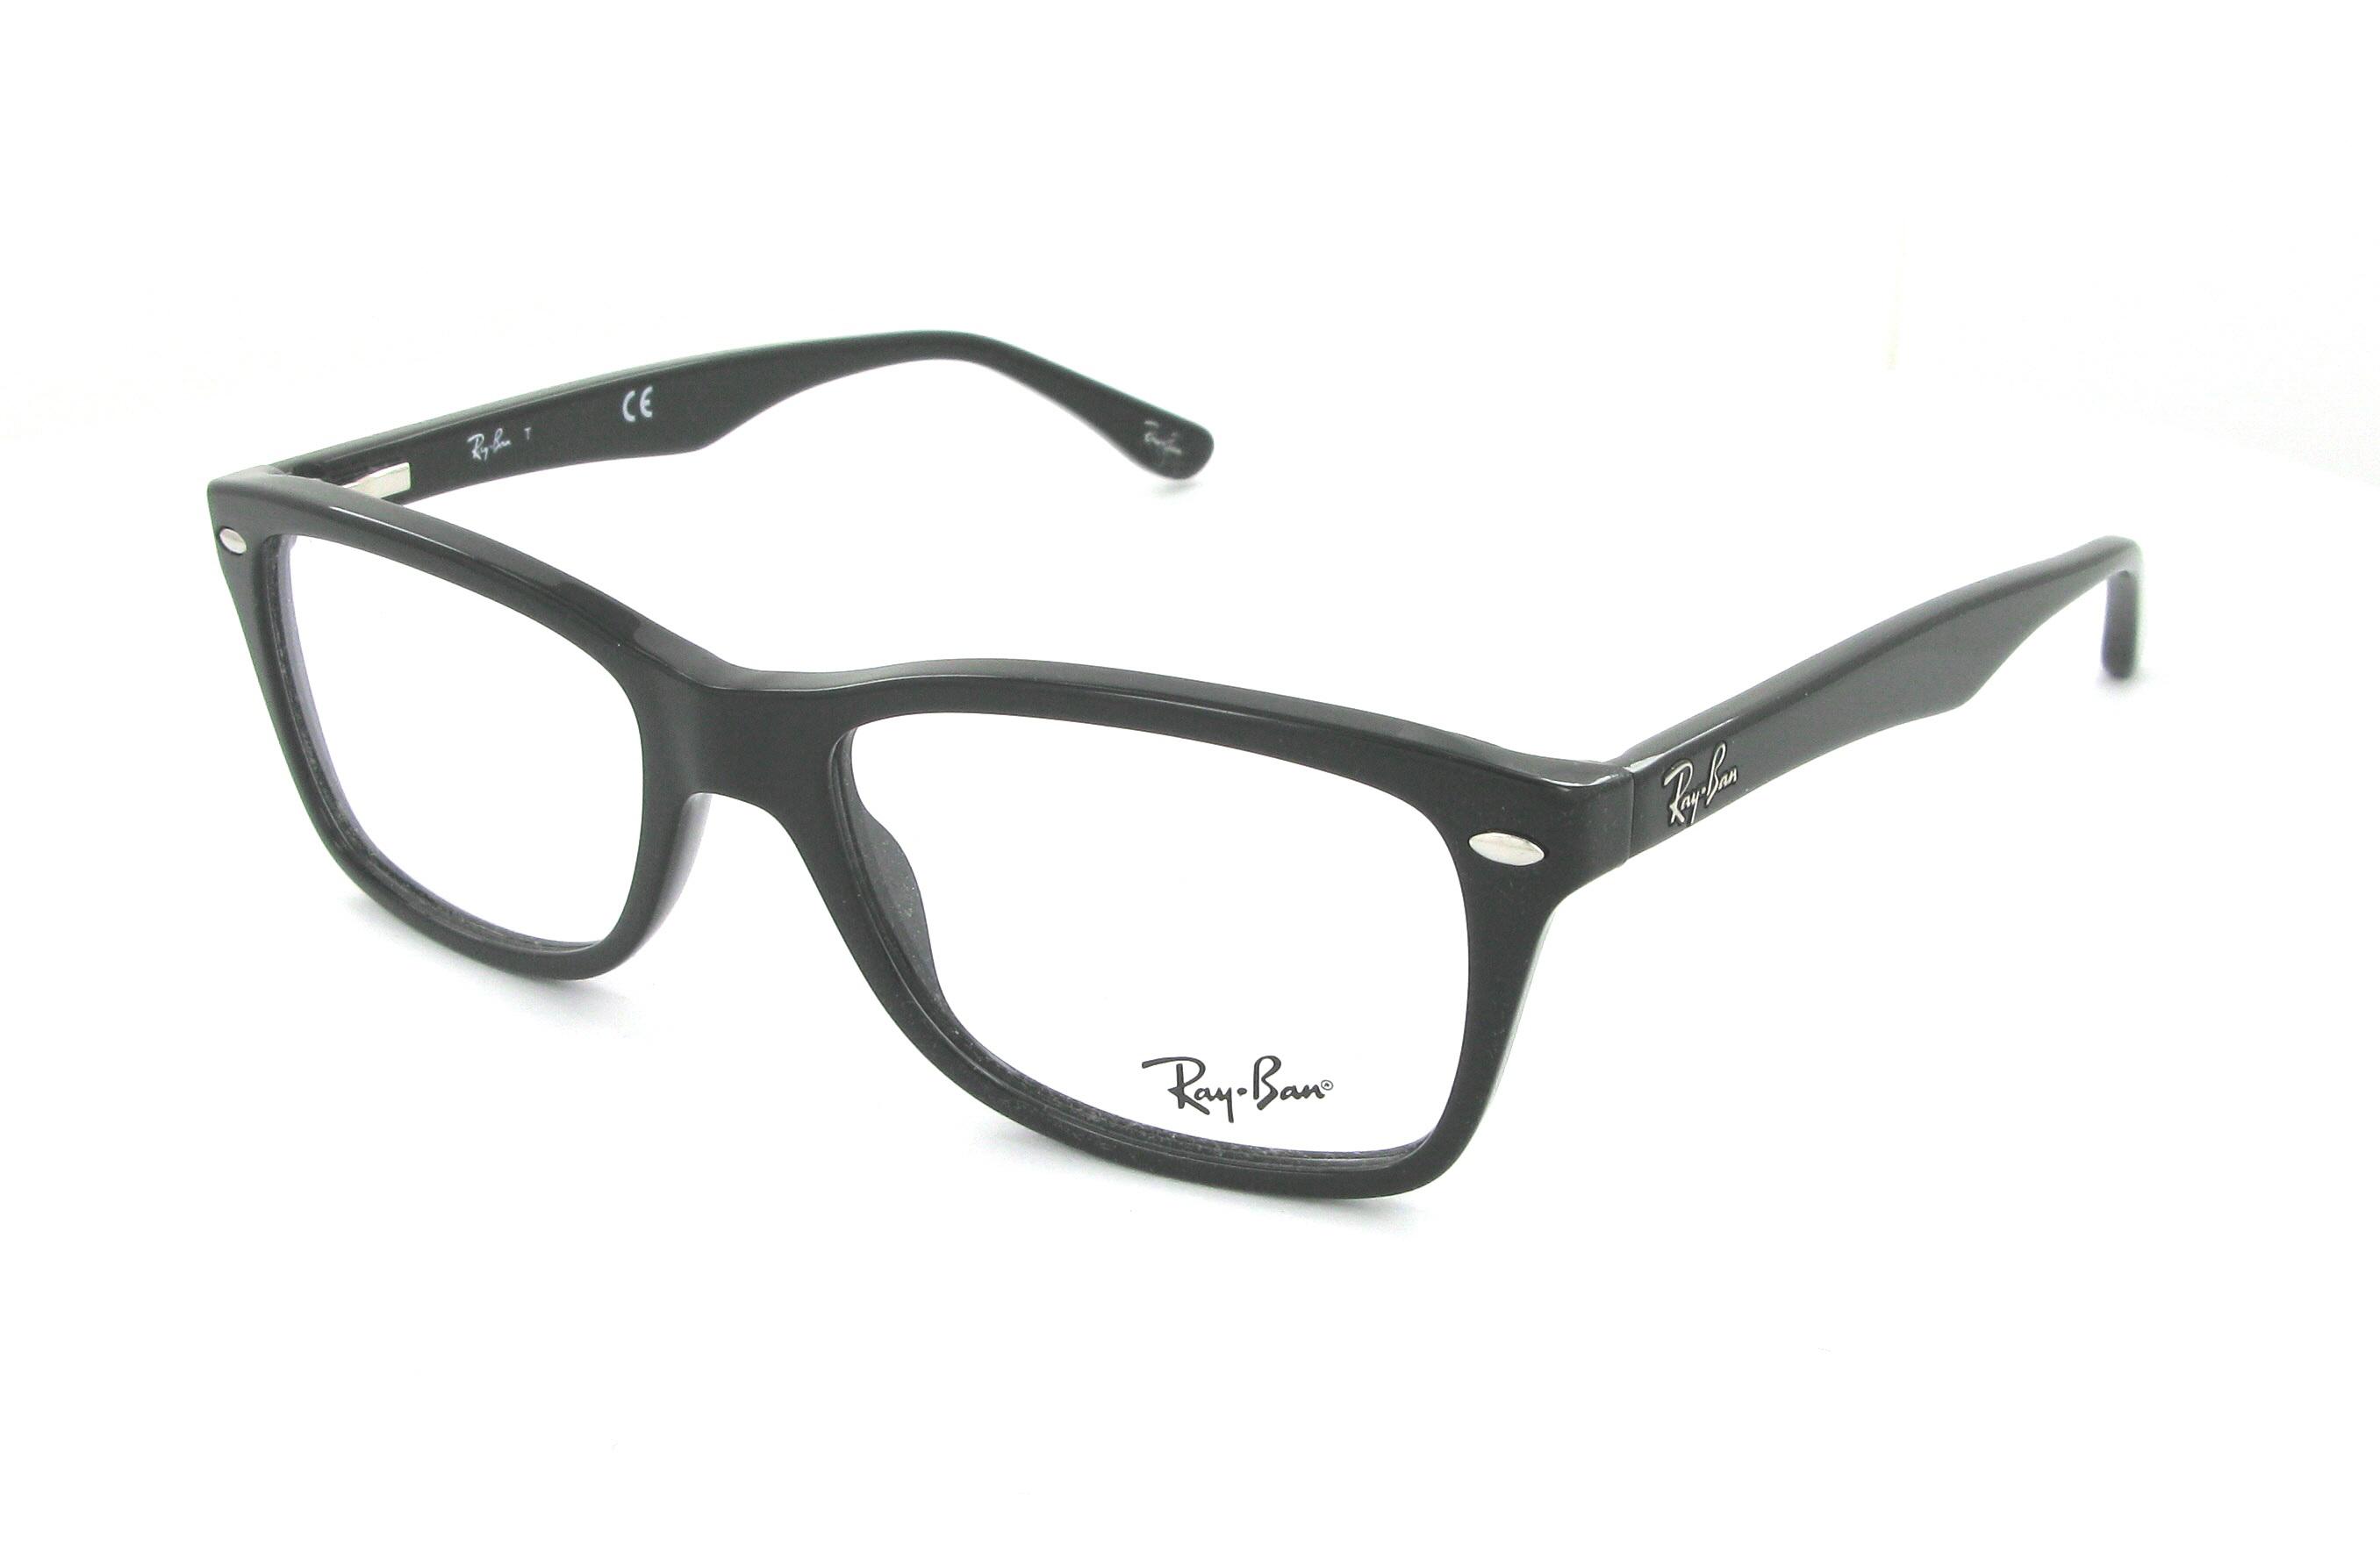 91b1bdbd2e0 lunette optique homme